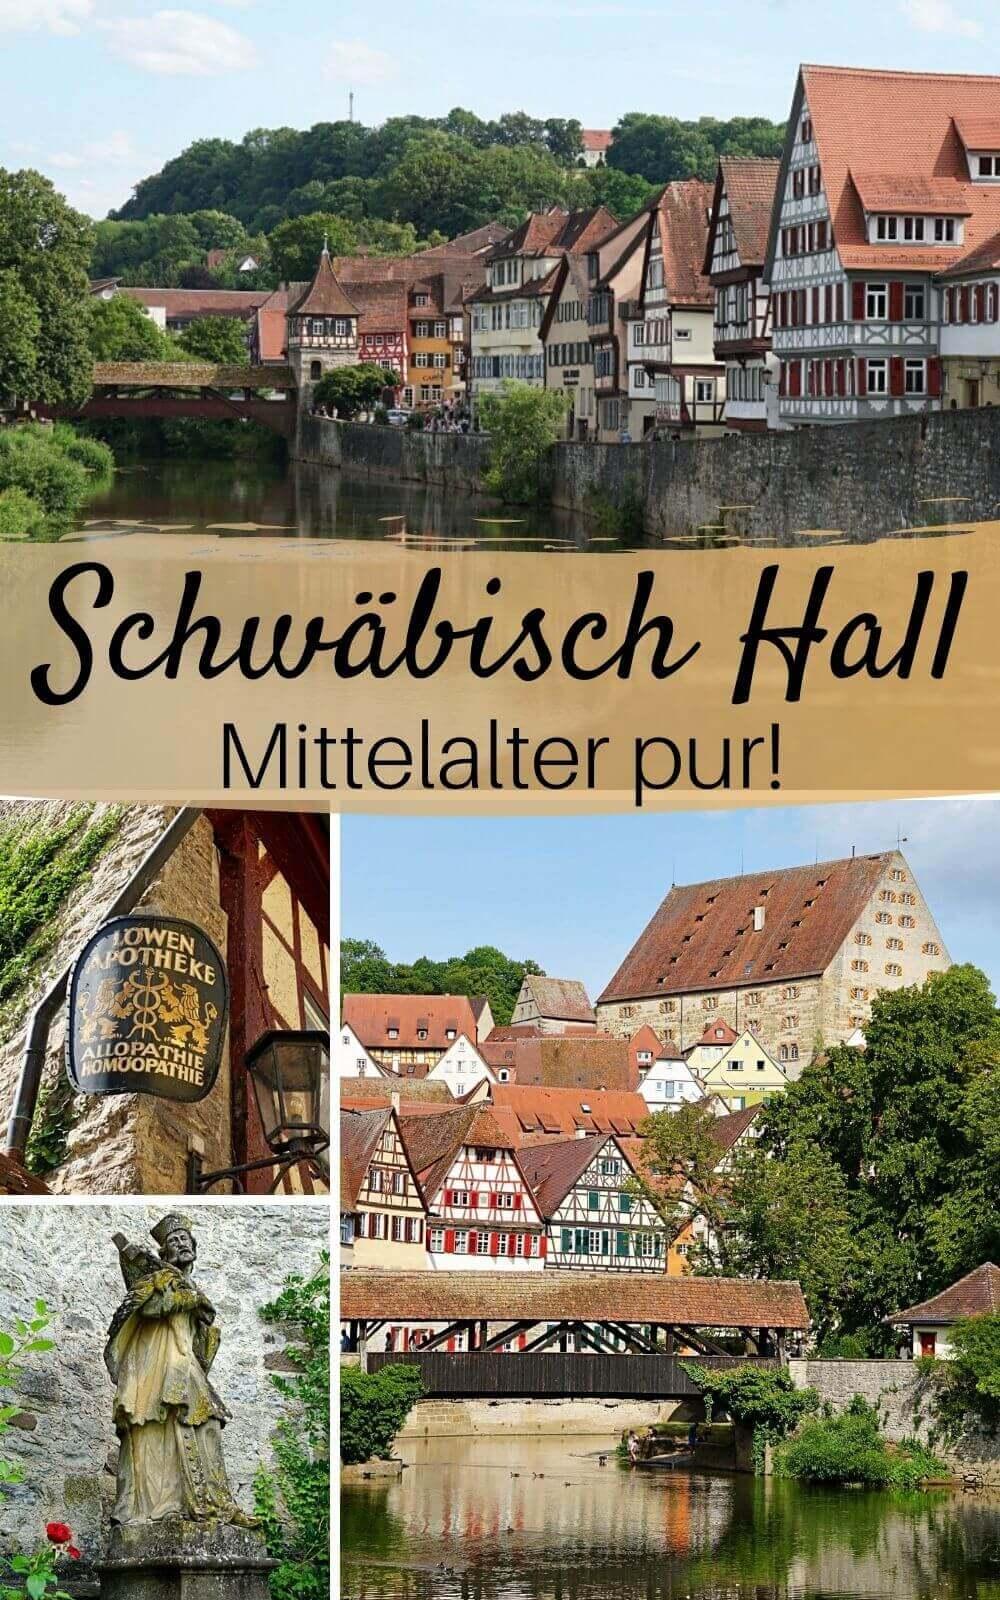 Schwabisch Hall Mittelalter Pur In Der Salzsiederstadt Am Kocher